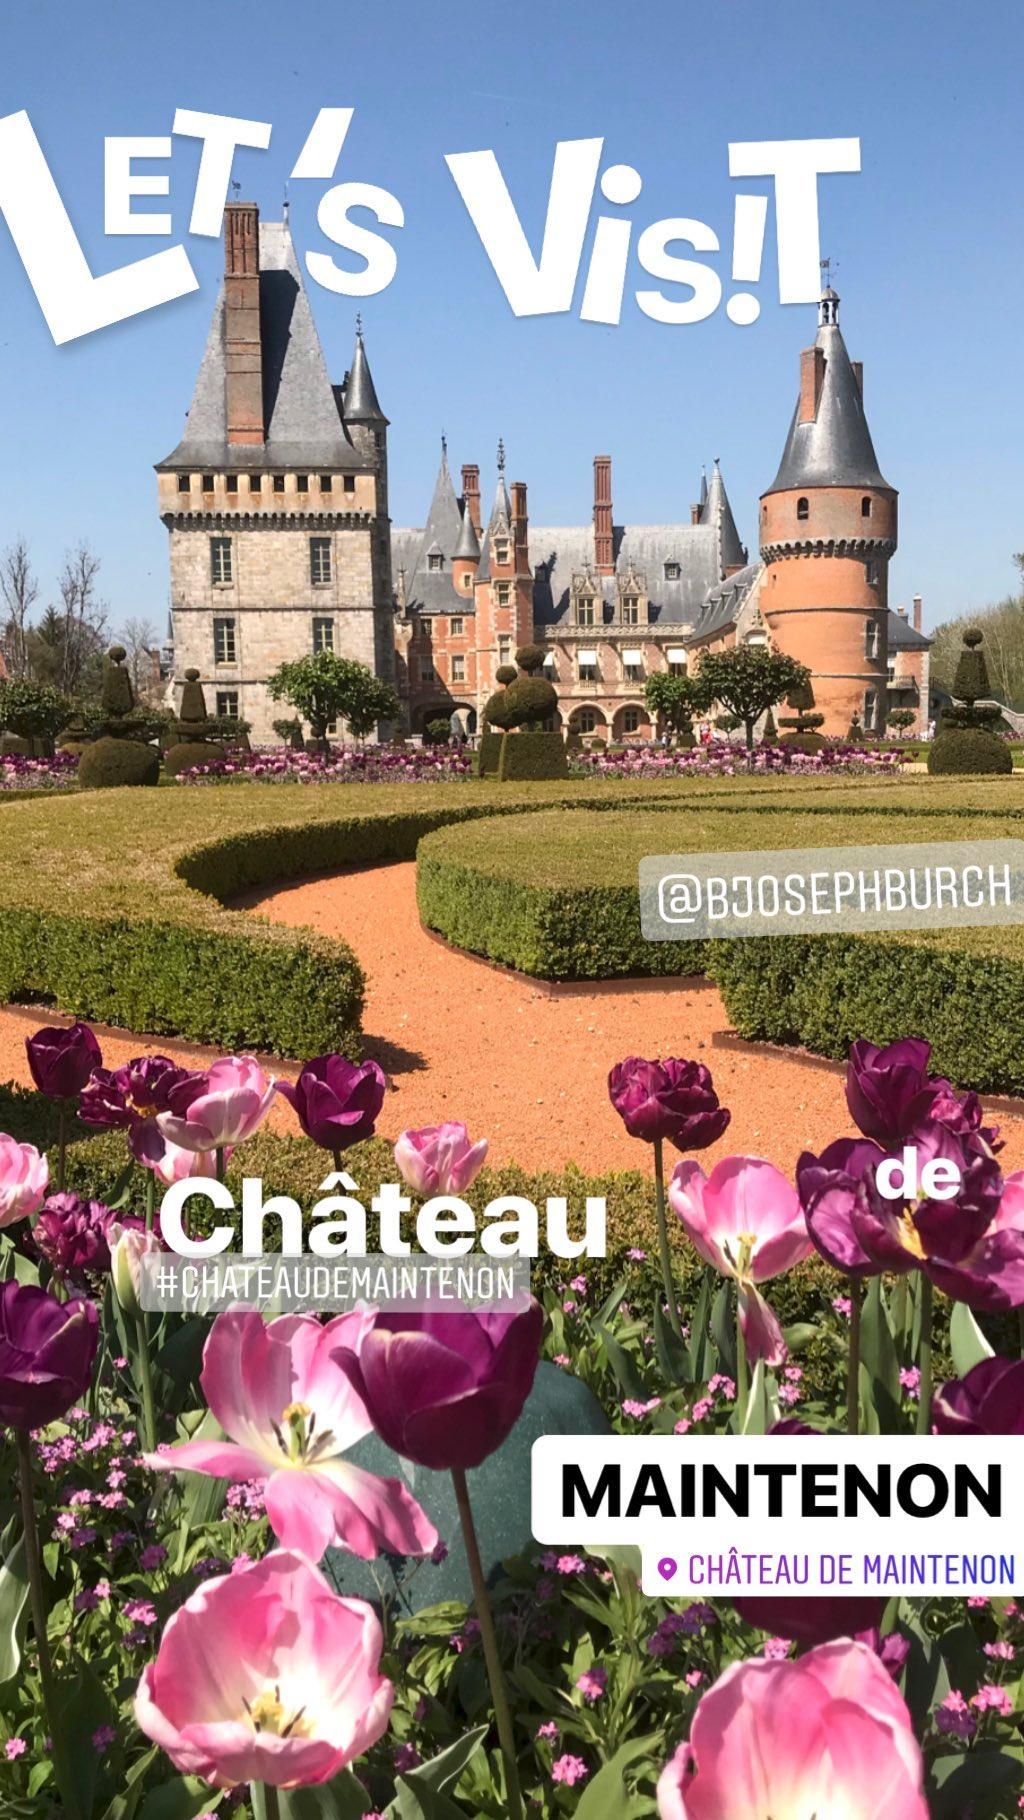 Let's Visit Chateau Maintenon